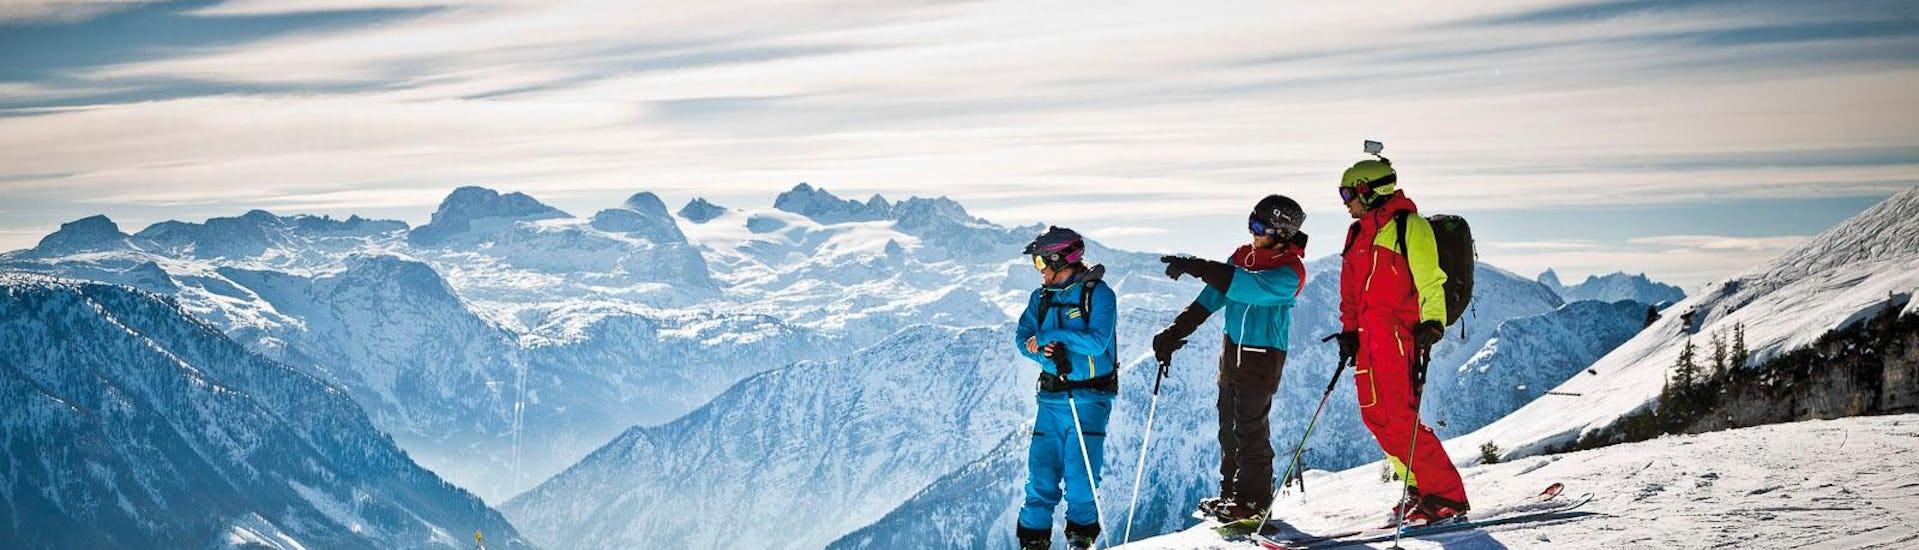 Ski Privatlehrer für Erwachsene - Alle Altersgruppen